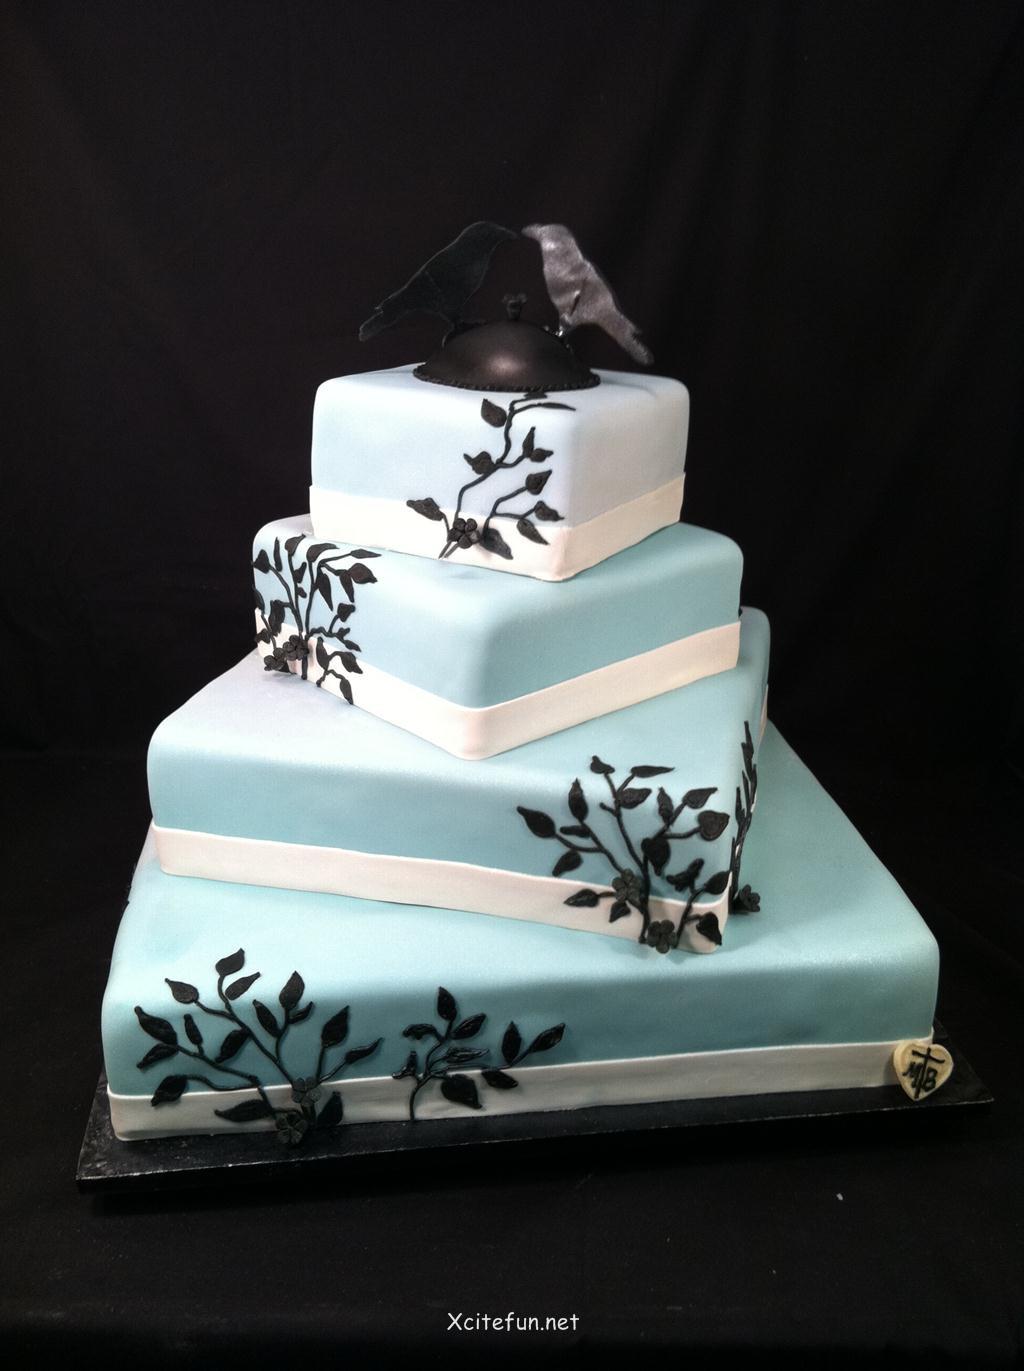 Wedding Cakes Decorations Ideas  Wedding Cake Decoration Ideas